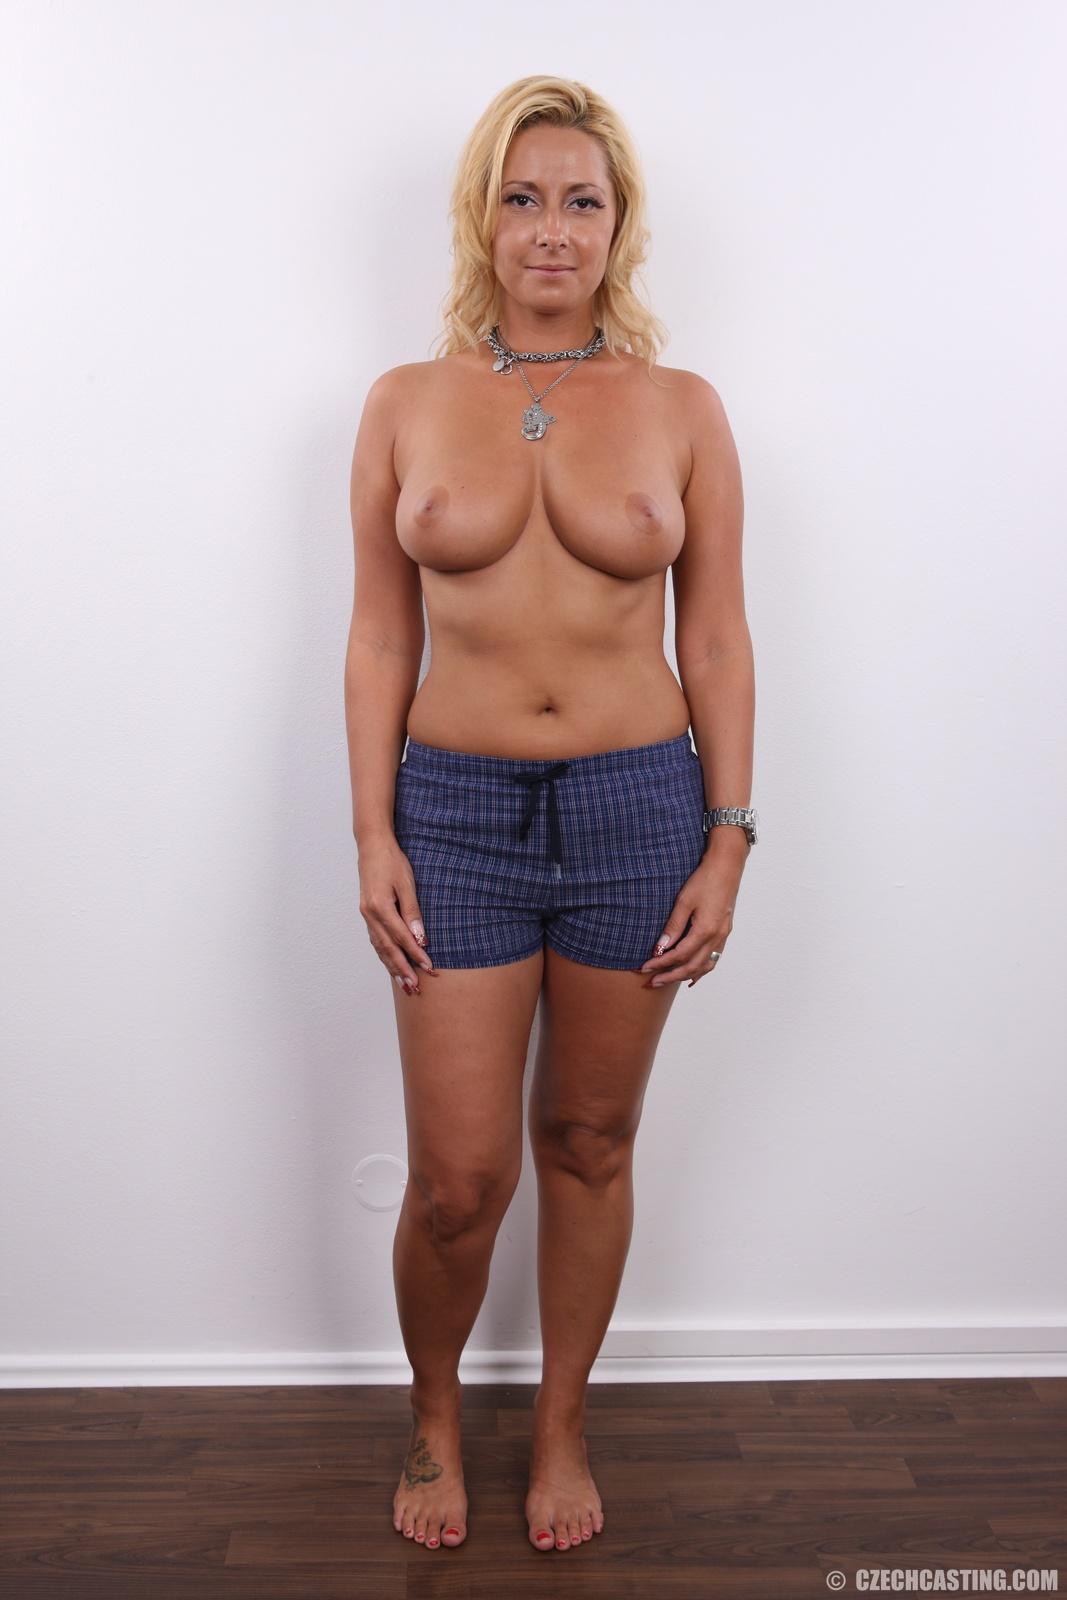 sex privat hodonin czech porn actress